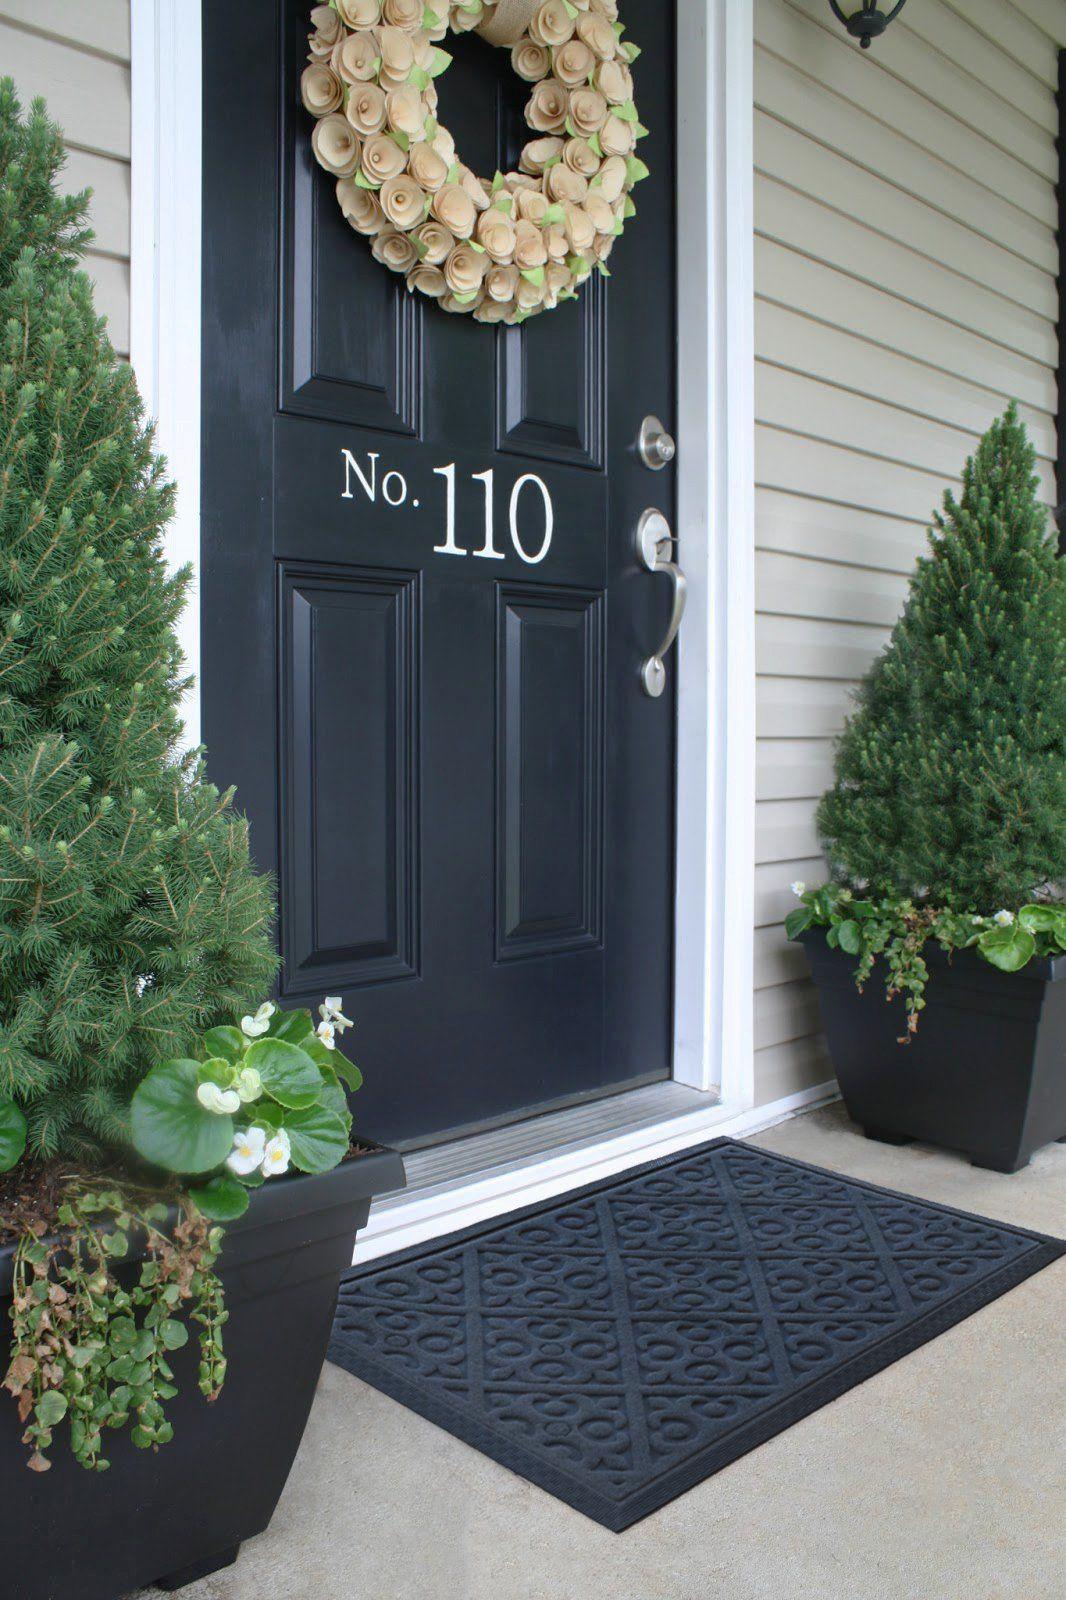 Amazon.com : Alpine Neighbor Door Mat   Washable Indoor/Outdoor Low Profile  Doormat